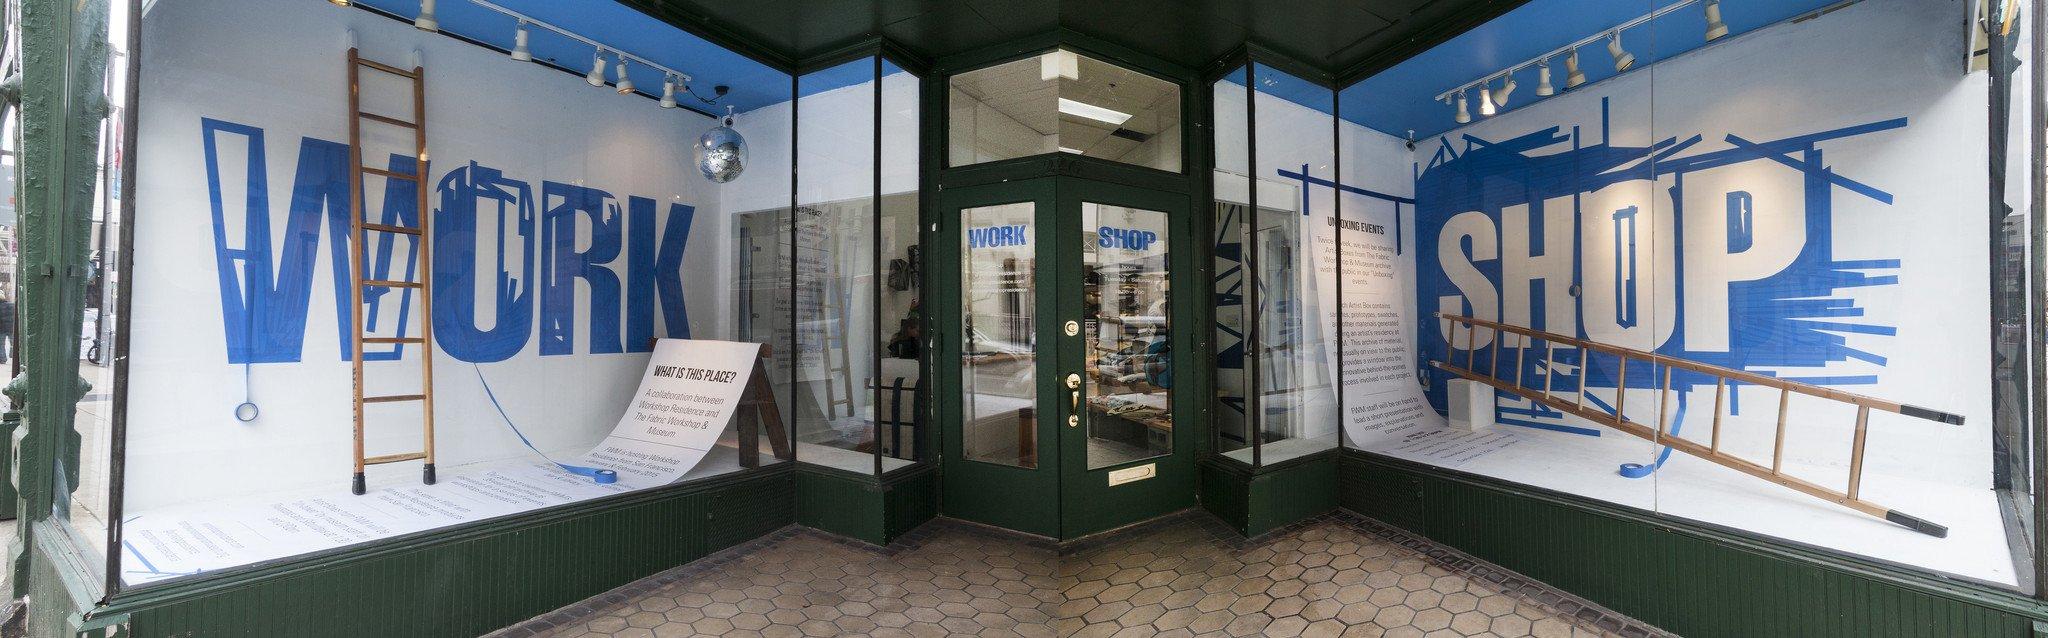 Workshop_Storefront.jpeg